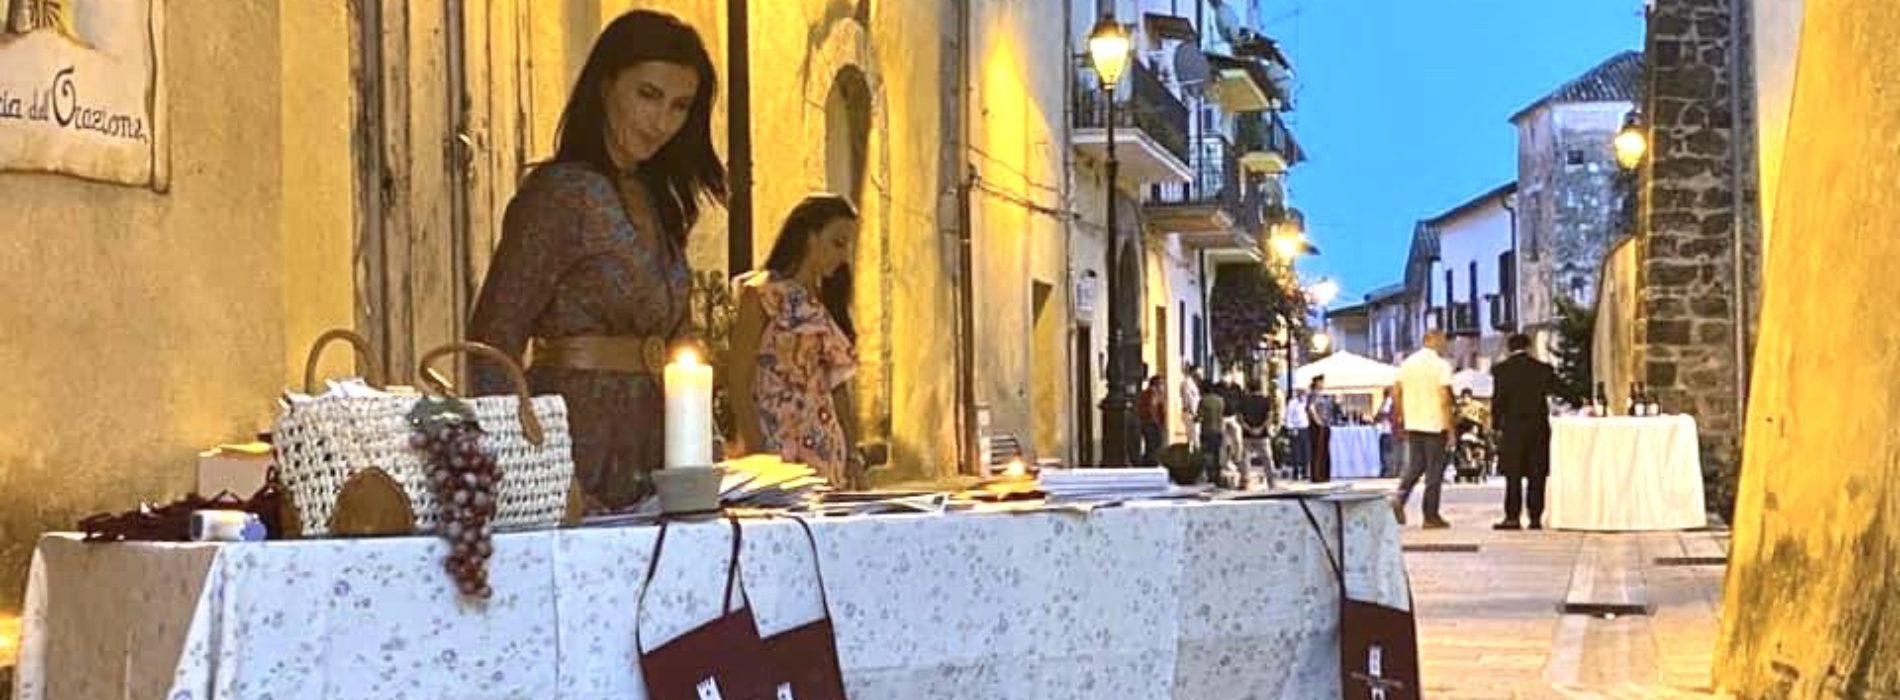 Festa del Casavecchia, il teatro e la musica nell'antica Trebula